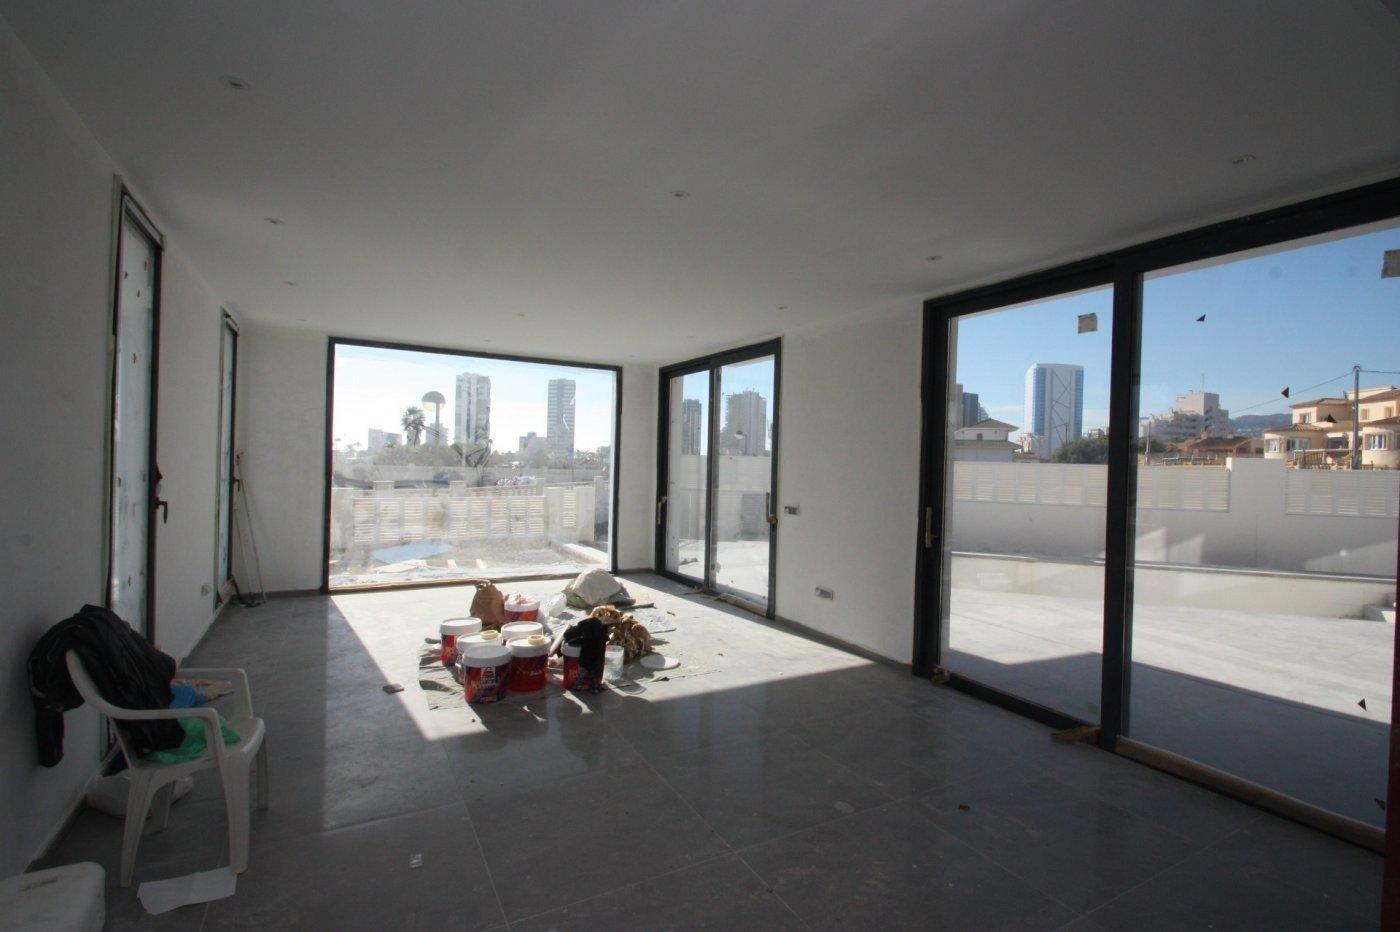 Villa de obra nueva de estilo moderno en venta en calpe a 600 m de la playa - imagenInmueble7